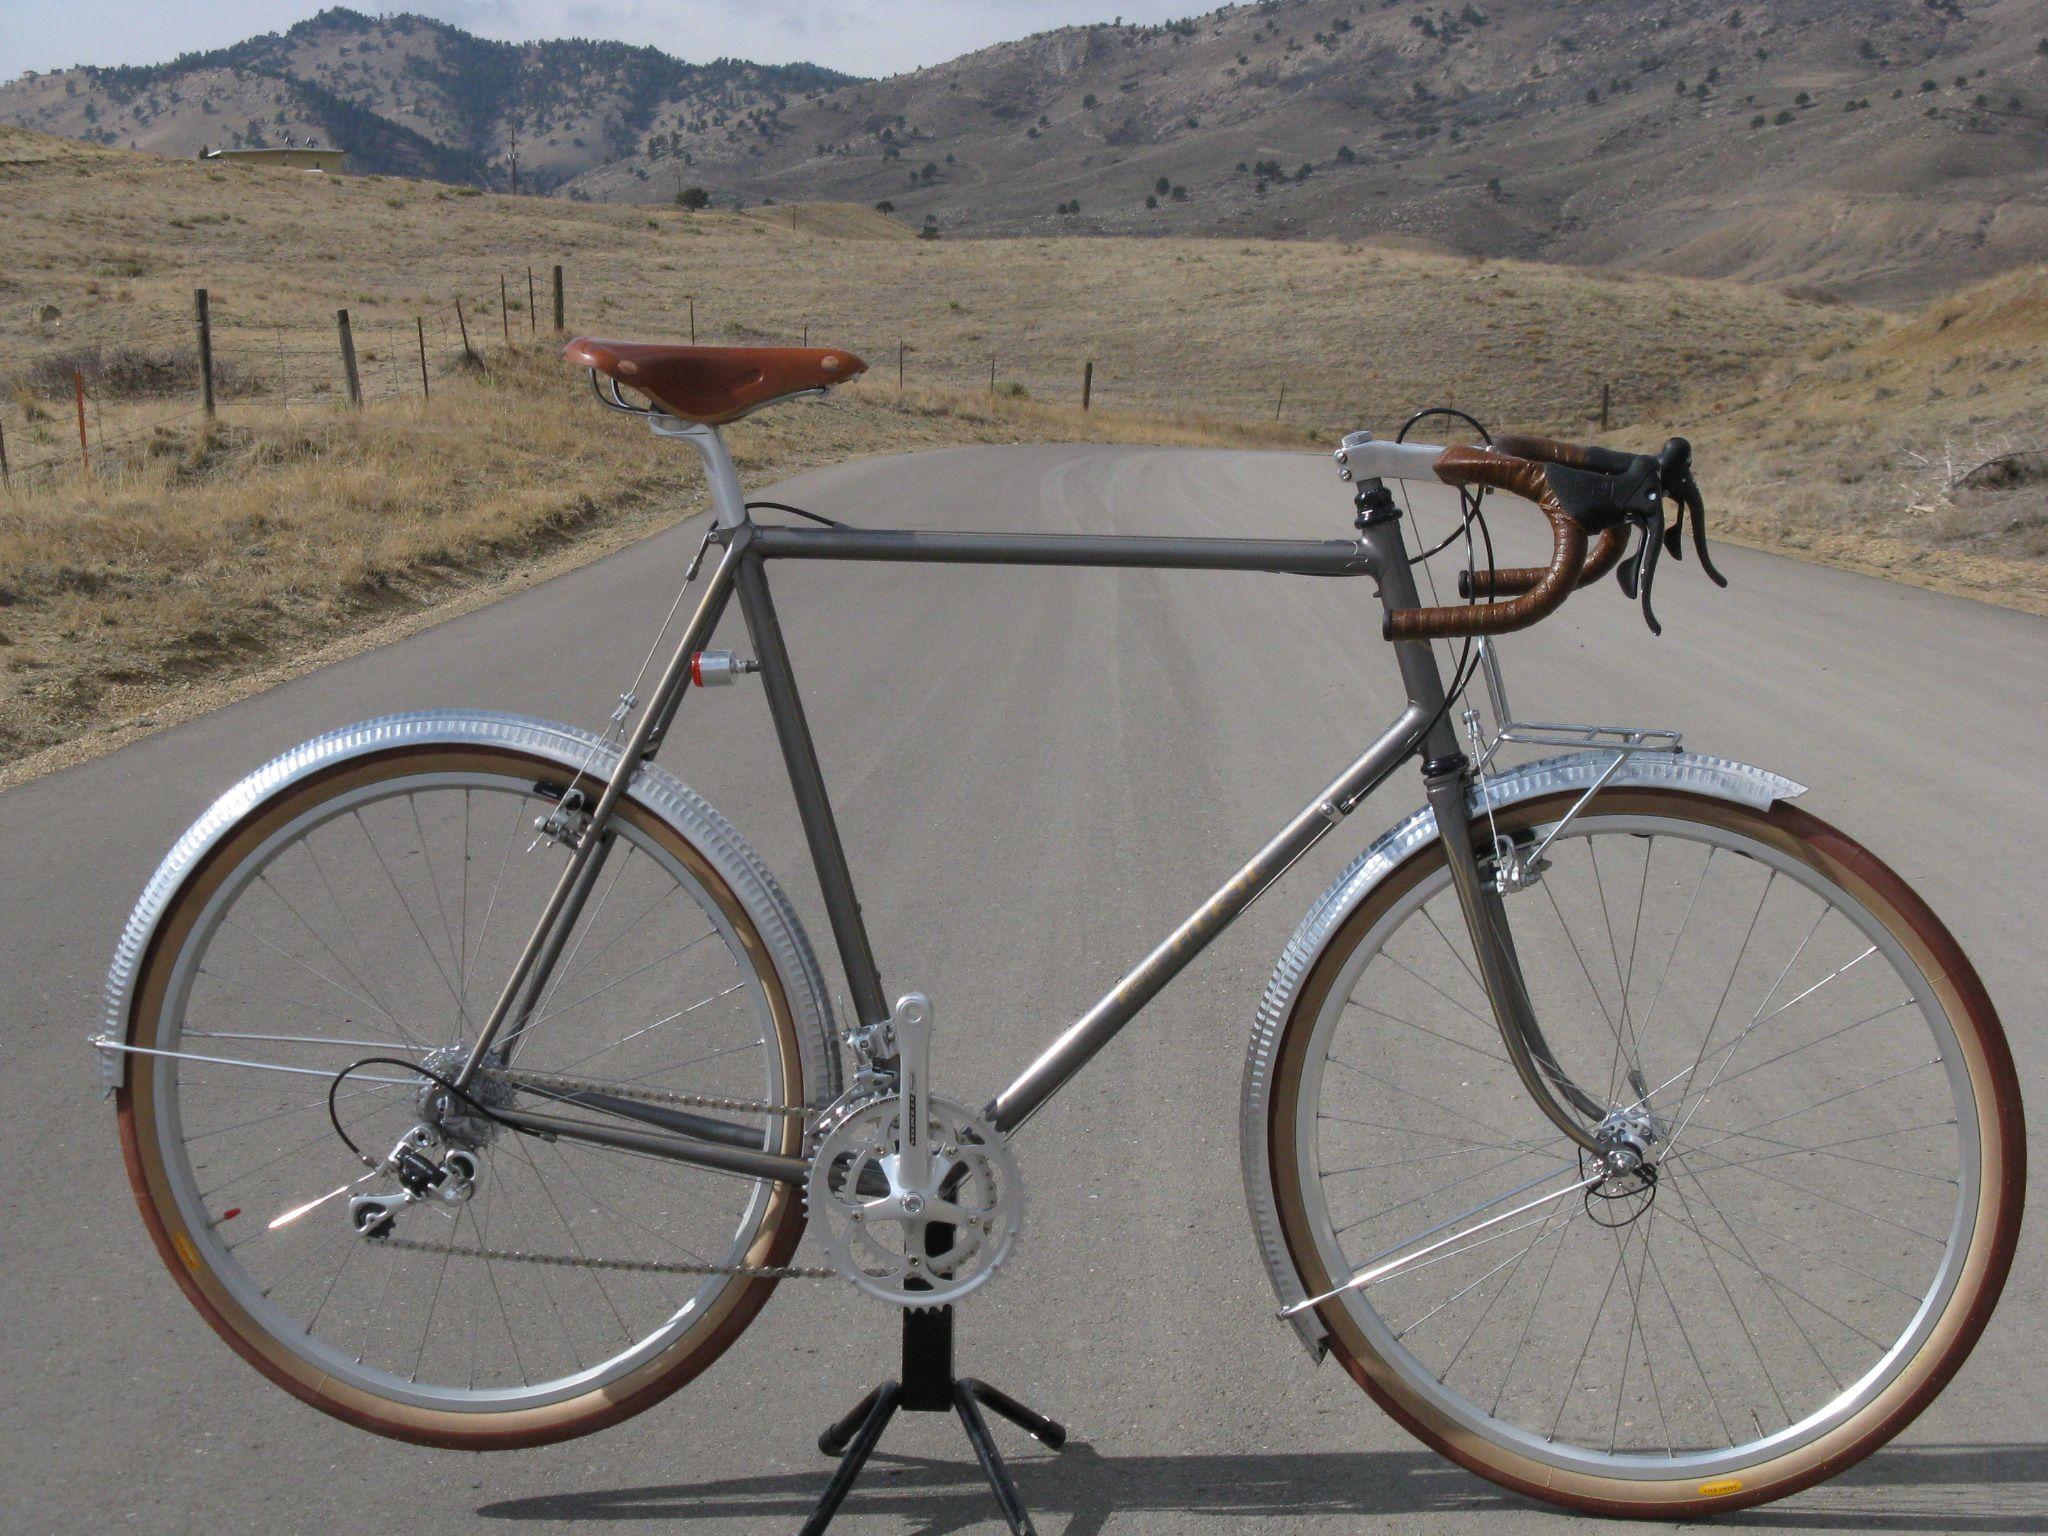 Dsc01295 Jpg Bike Bike Handlebars Bike Frame